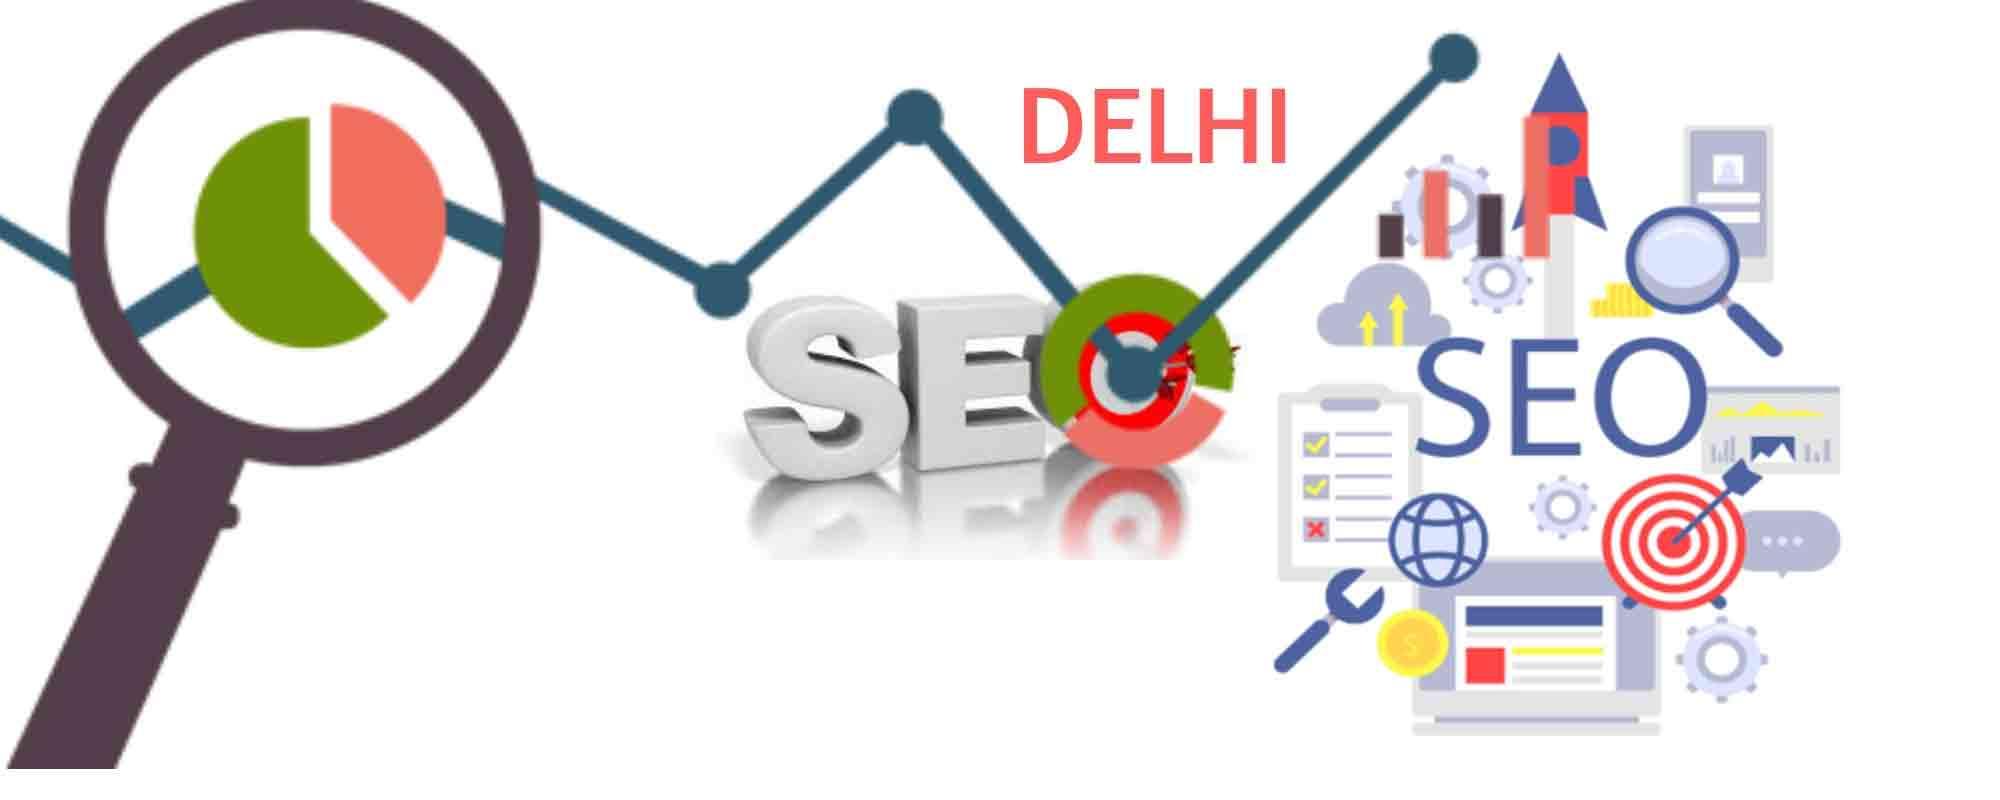 SEO Services Delhi